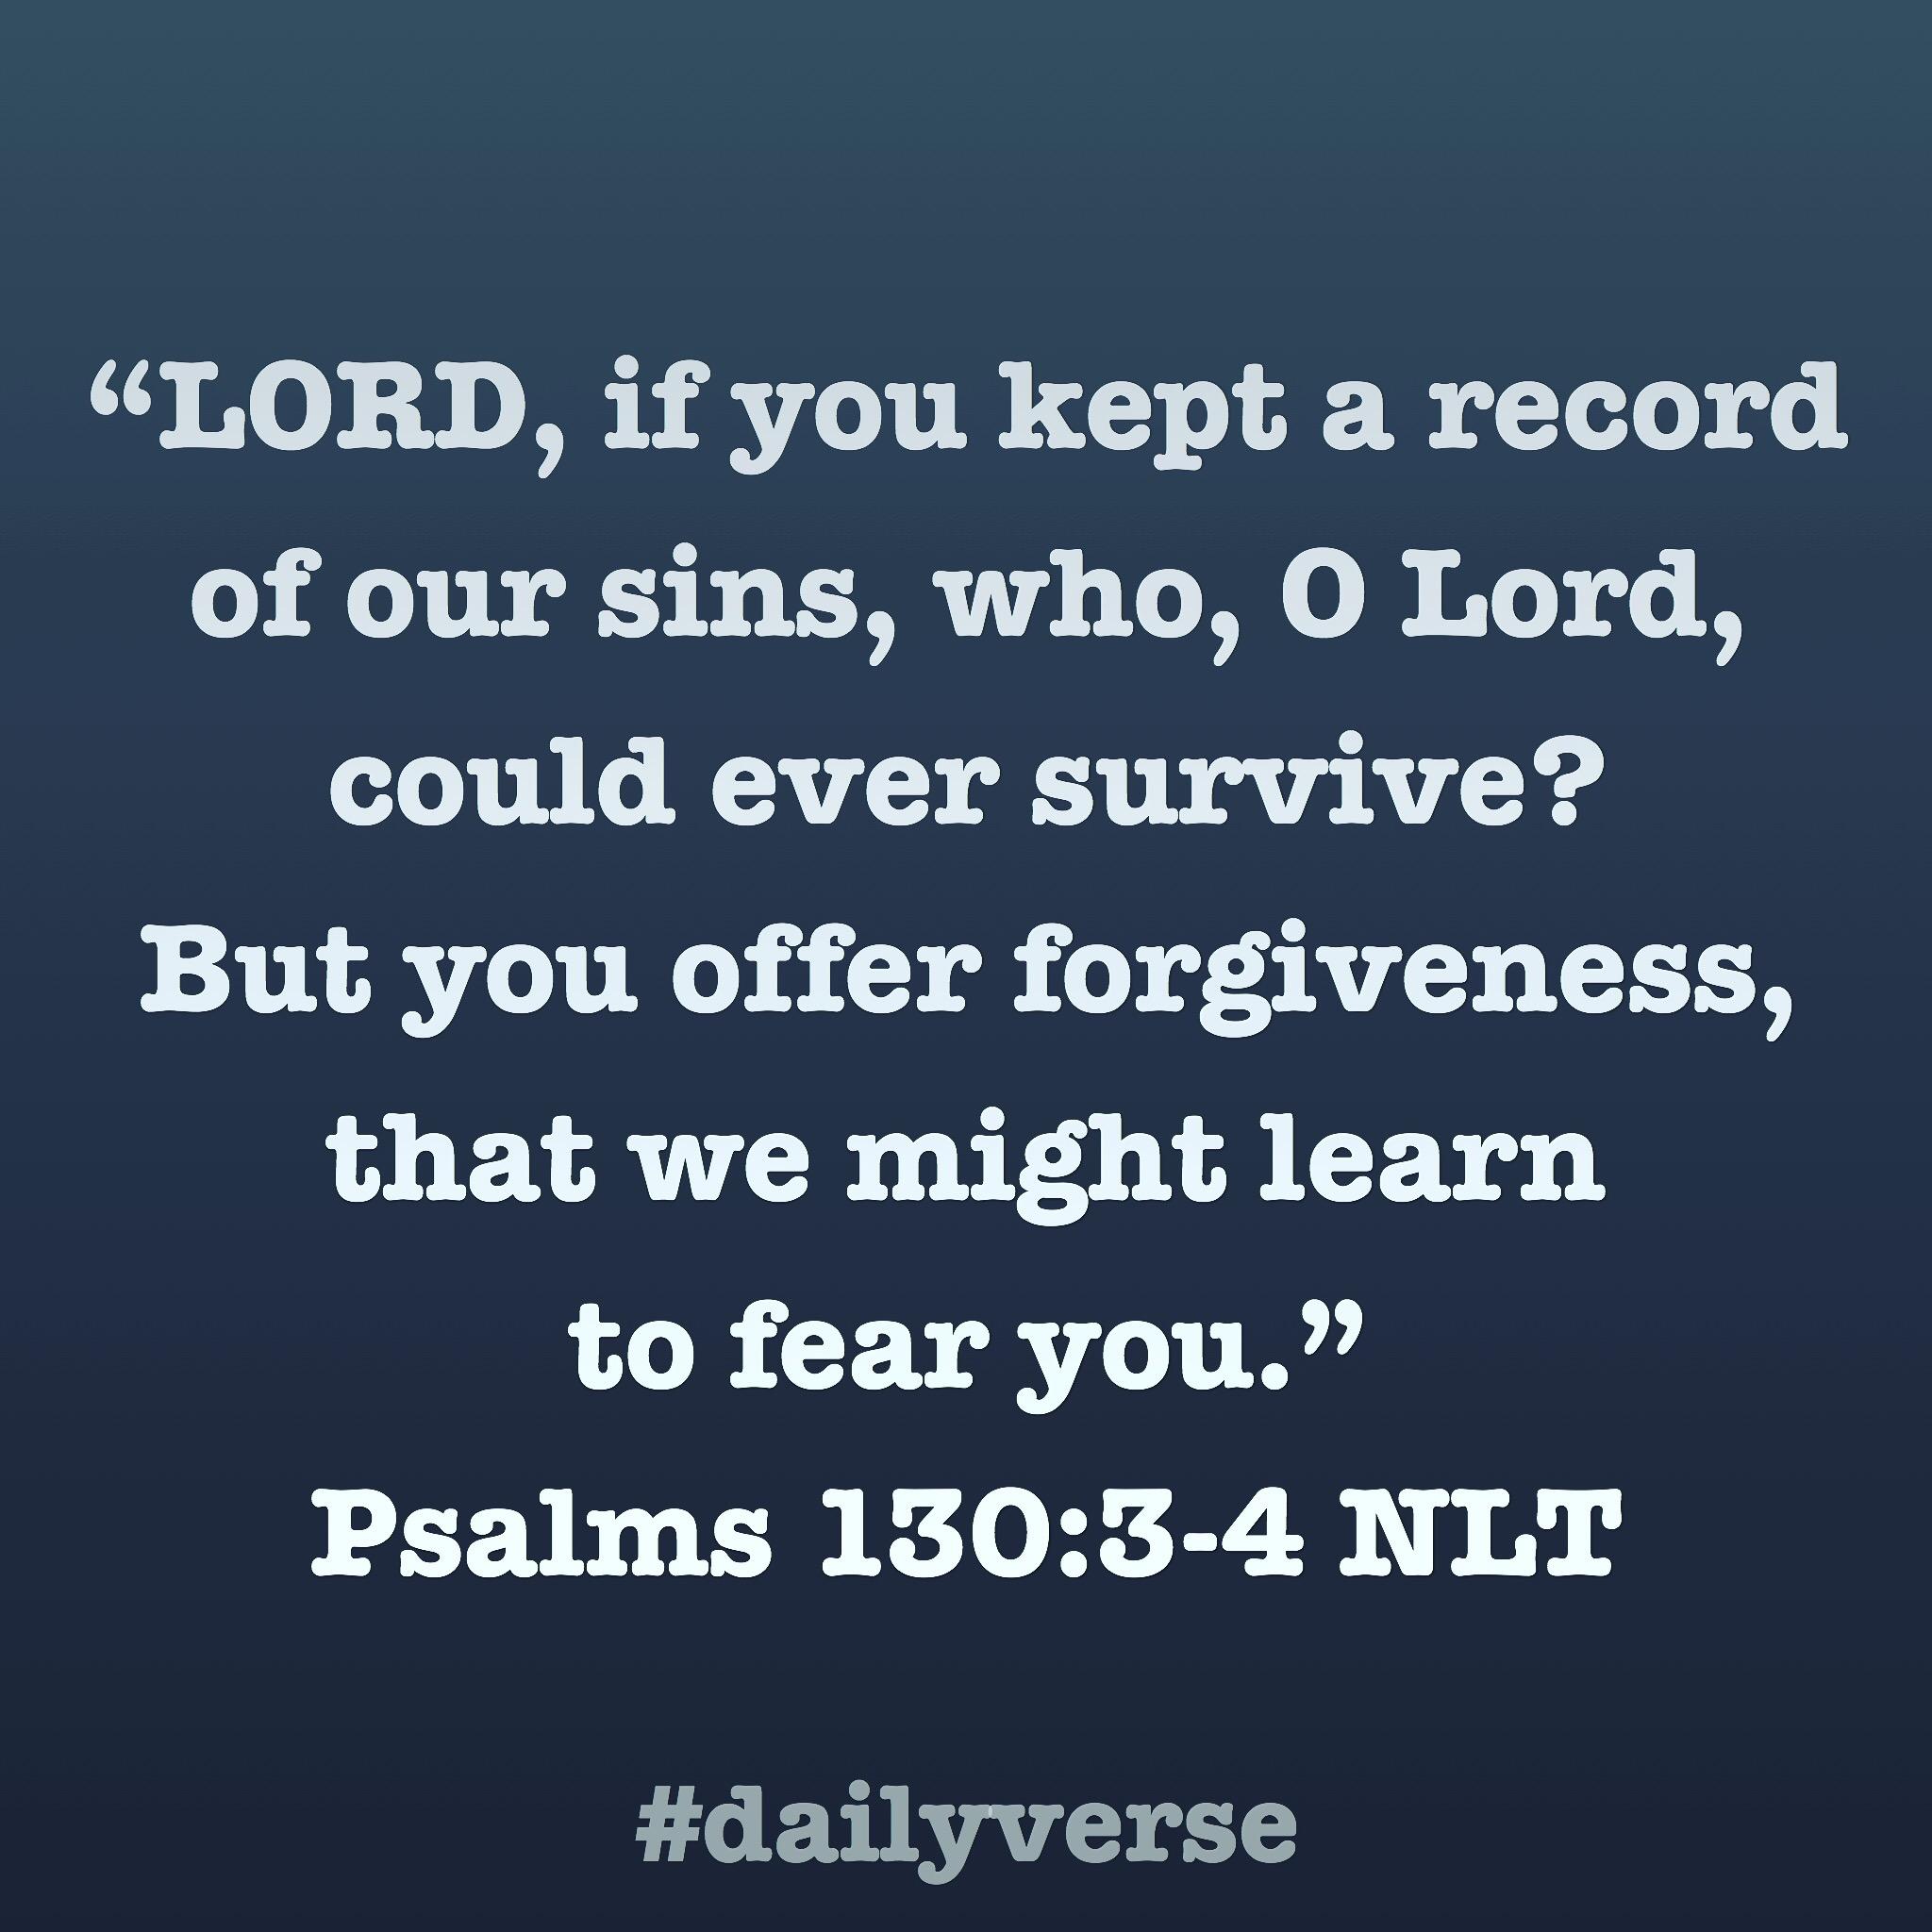 Psalms 130:3-4